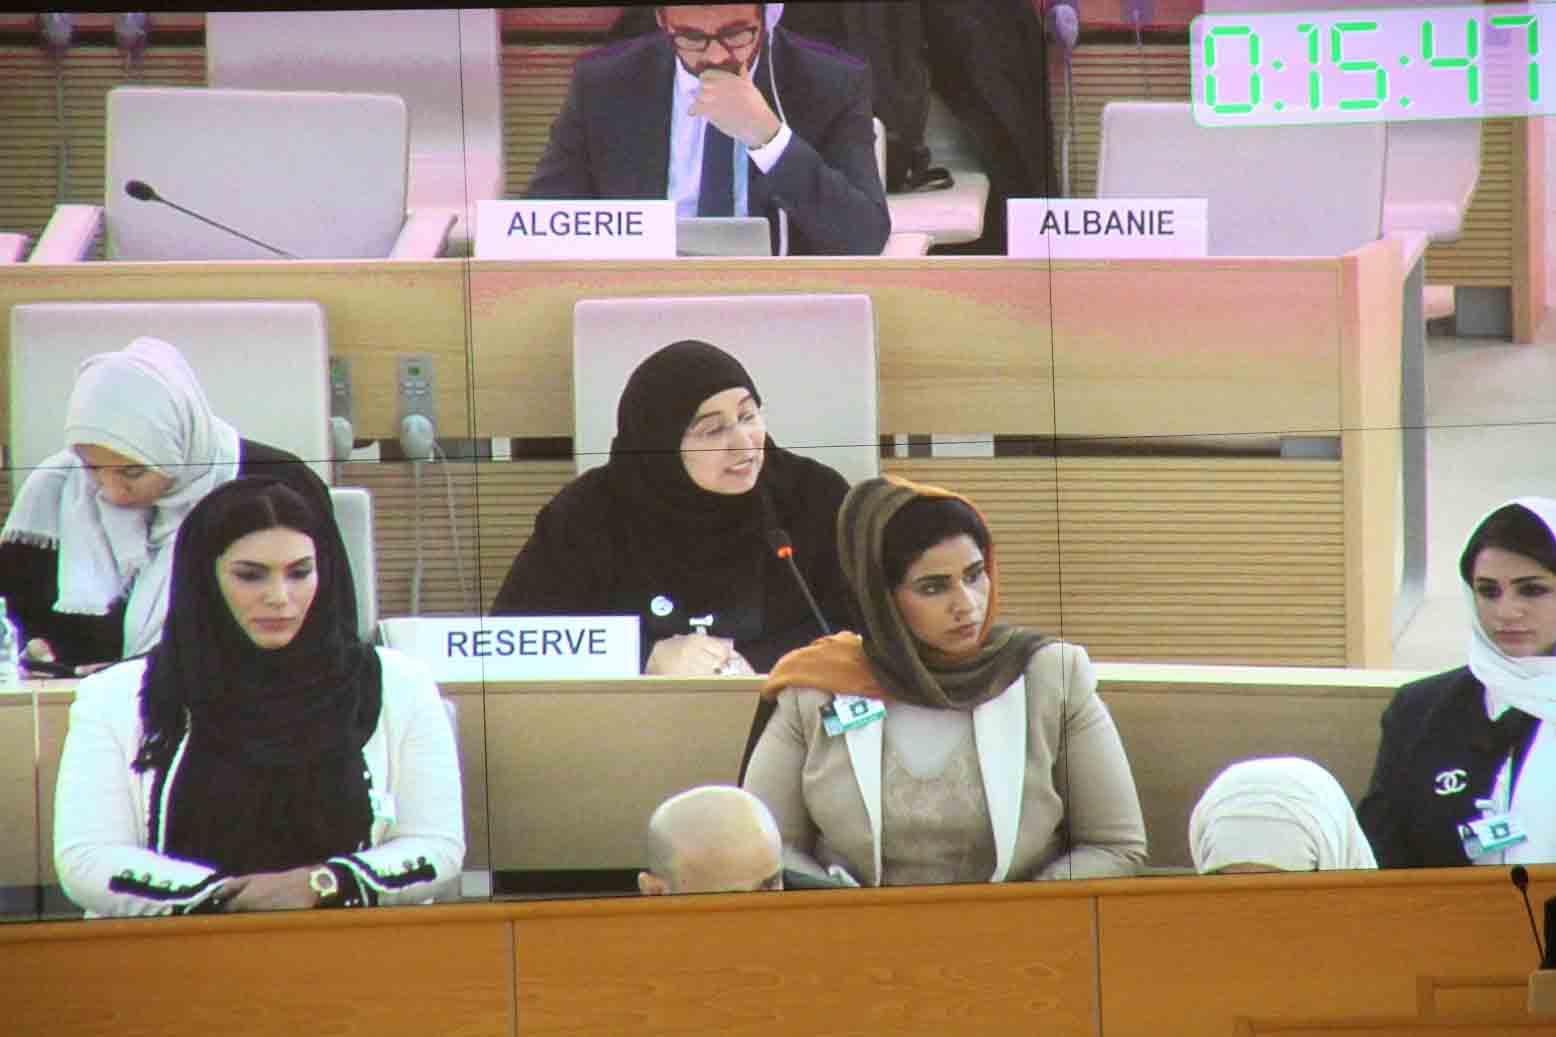 الإمارات تقدم تقريرها الوطني الثالث في إطار الاستعراض الدوري الشامل لحقوق الإنسان في جنيف 5